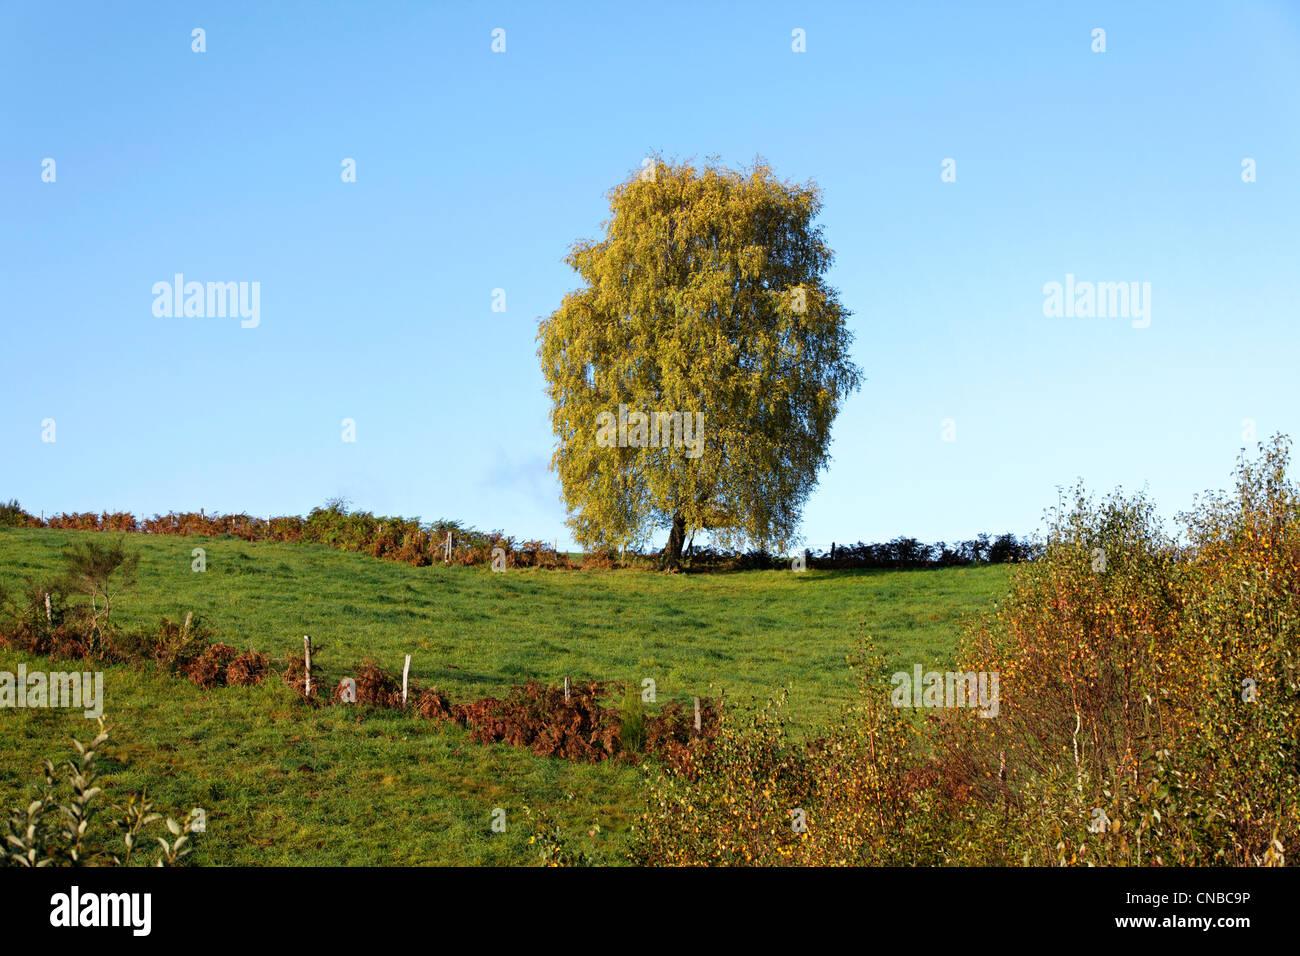 France, Correze, isolate tree (Betula pendula) - Stock Image